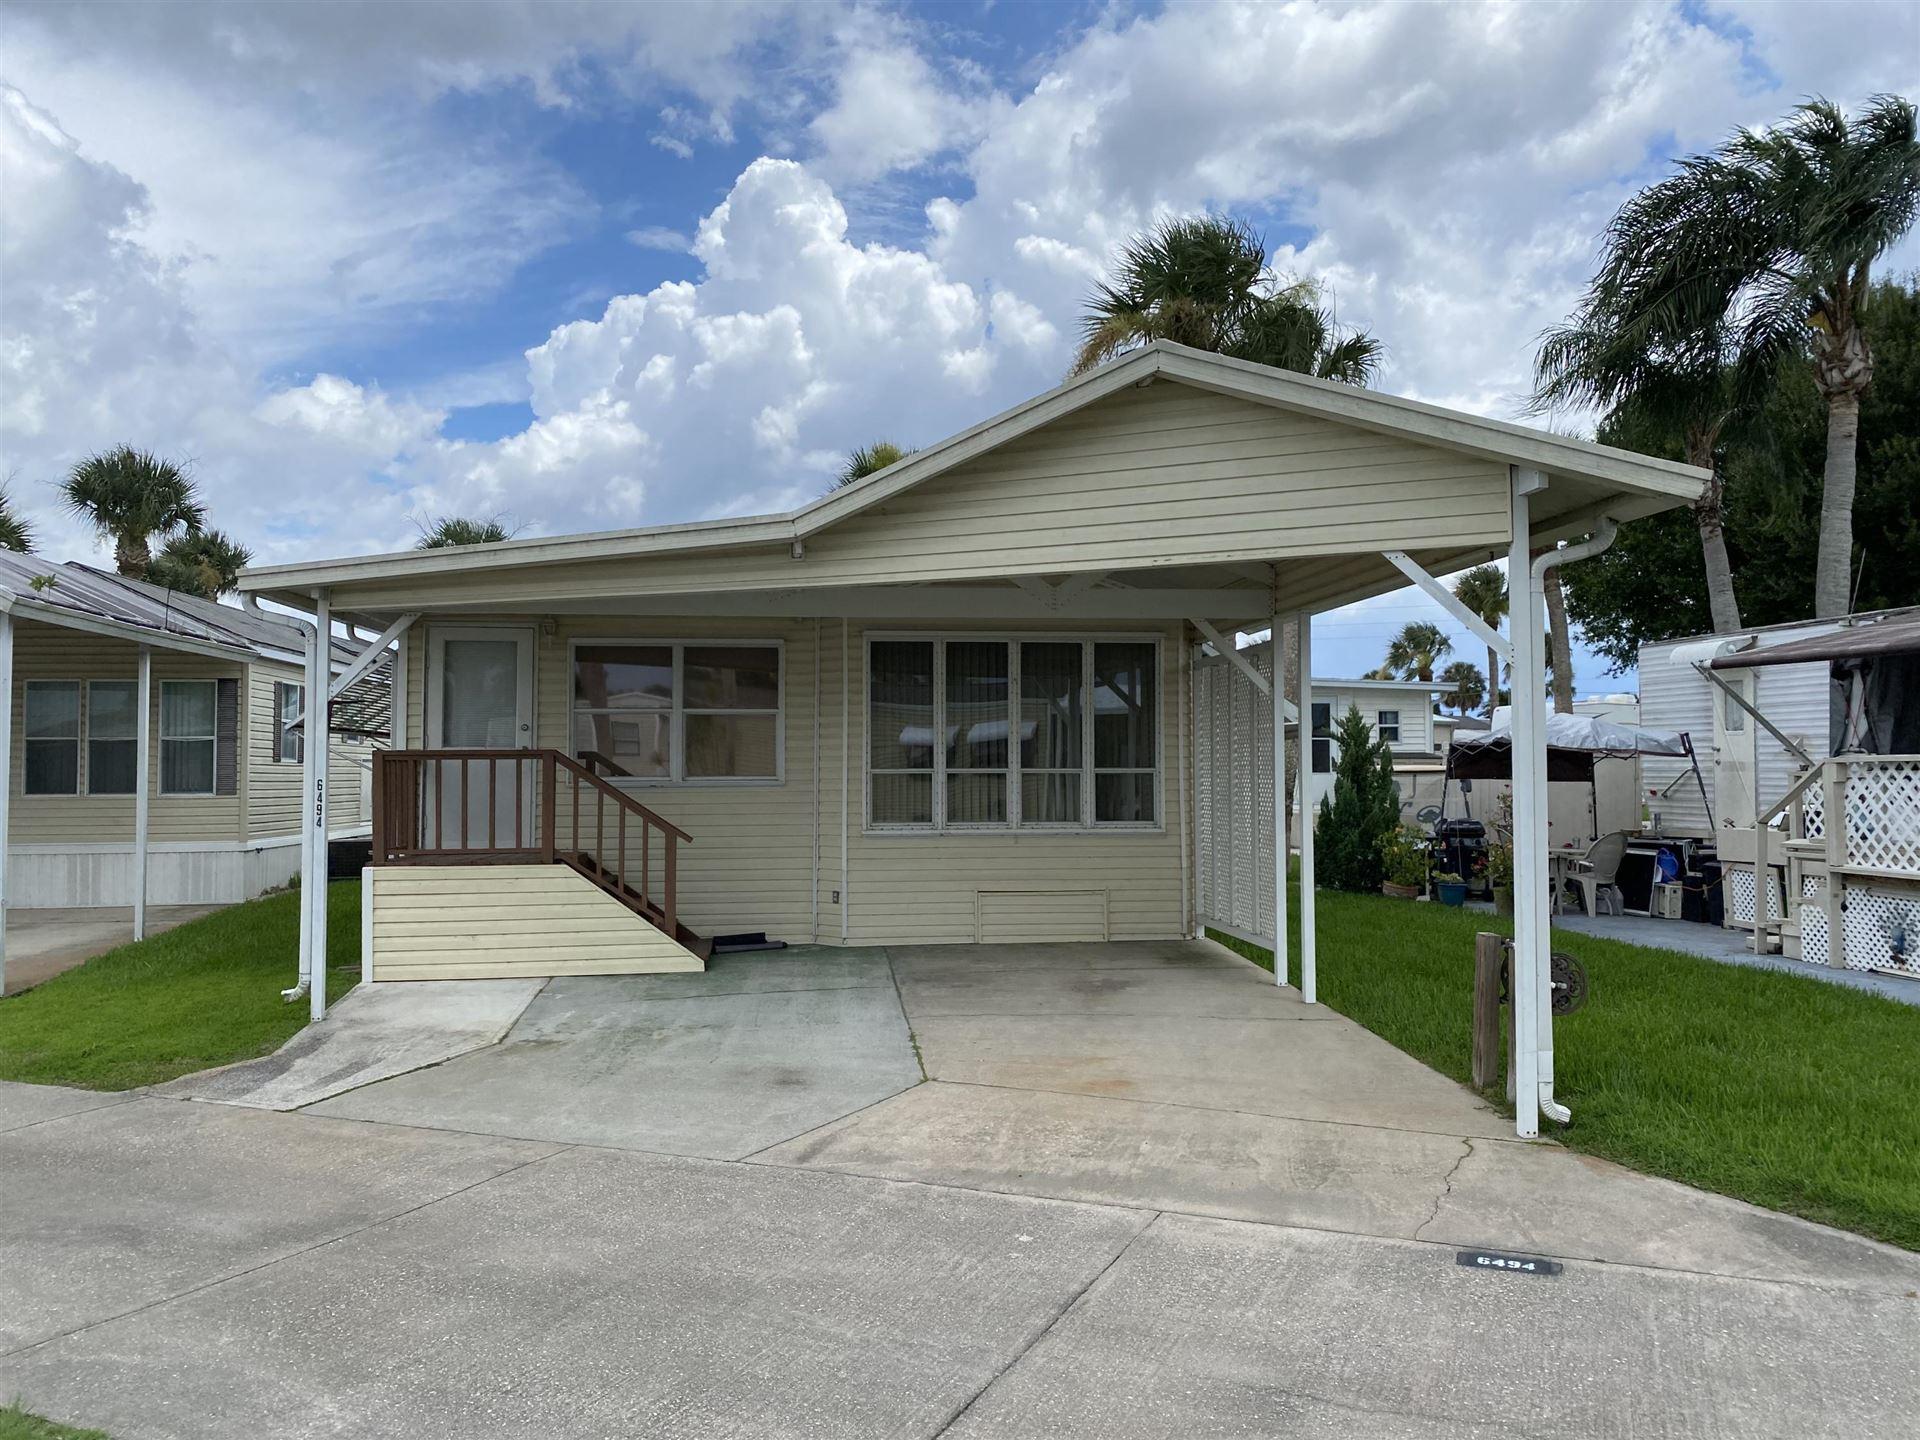 6494 SE 55th Lane, Okeechobee, FL 34974 - MLS#: RX-10738951